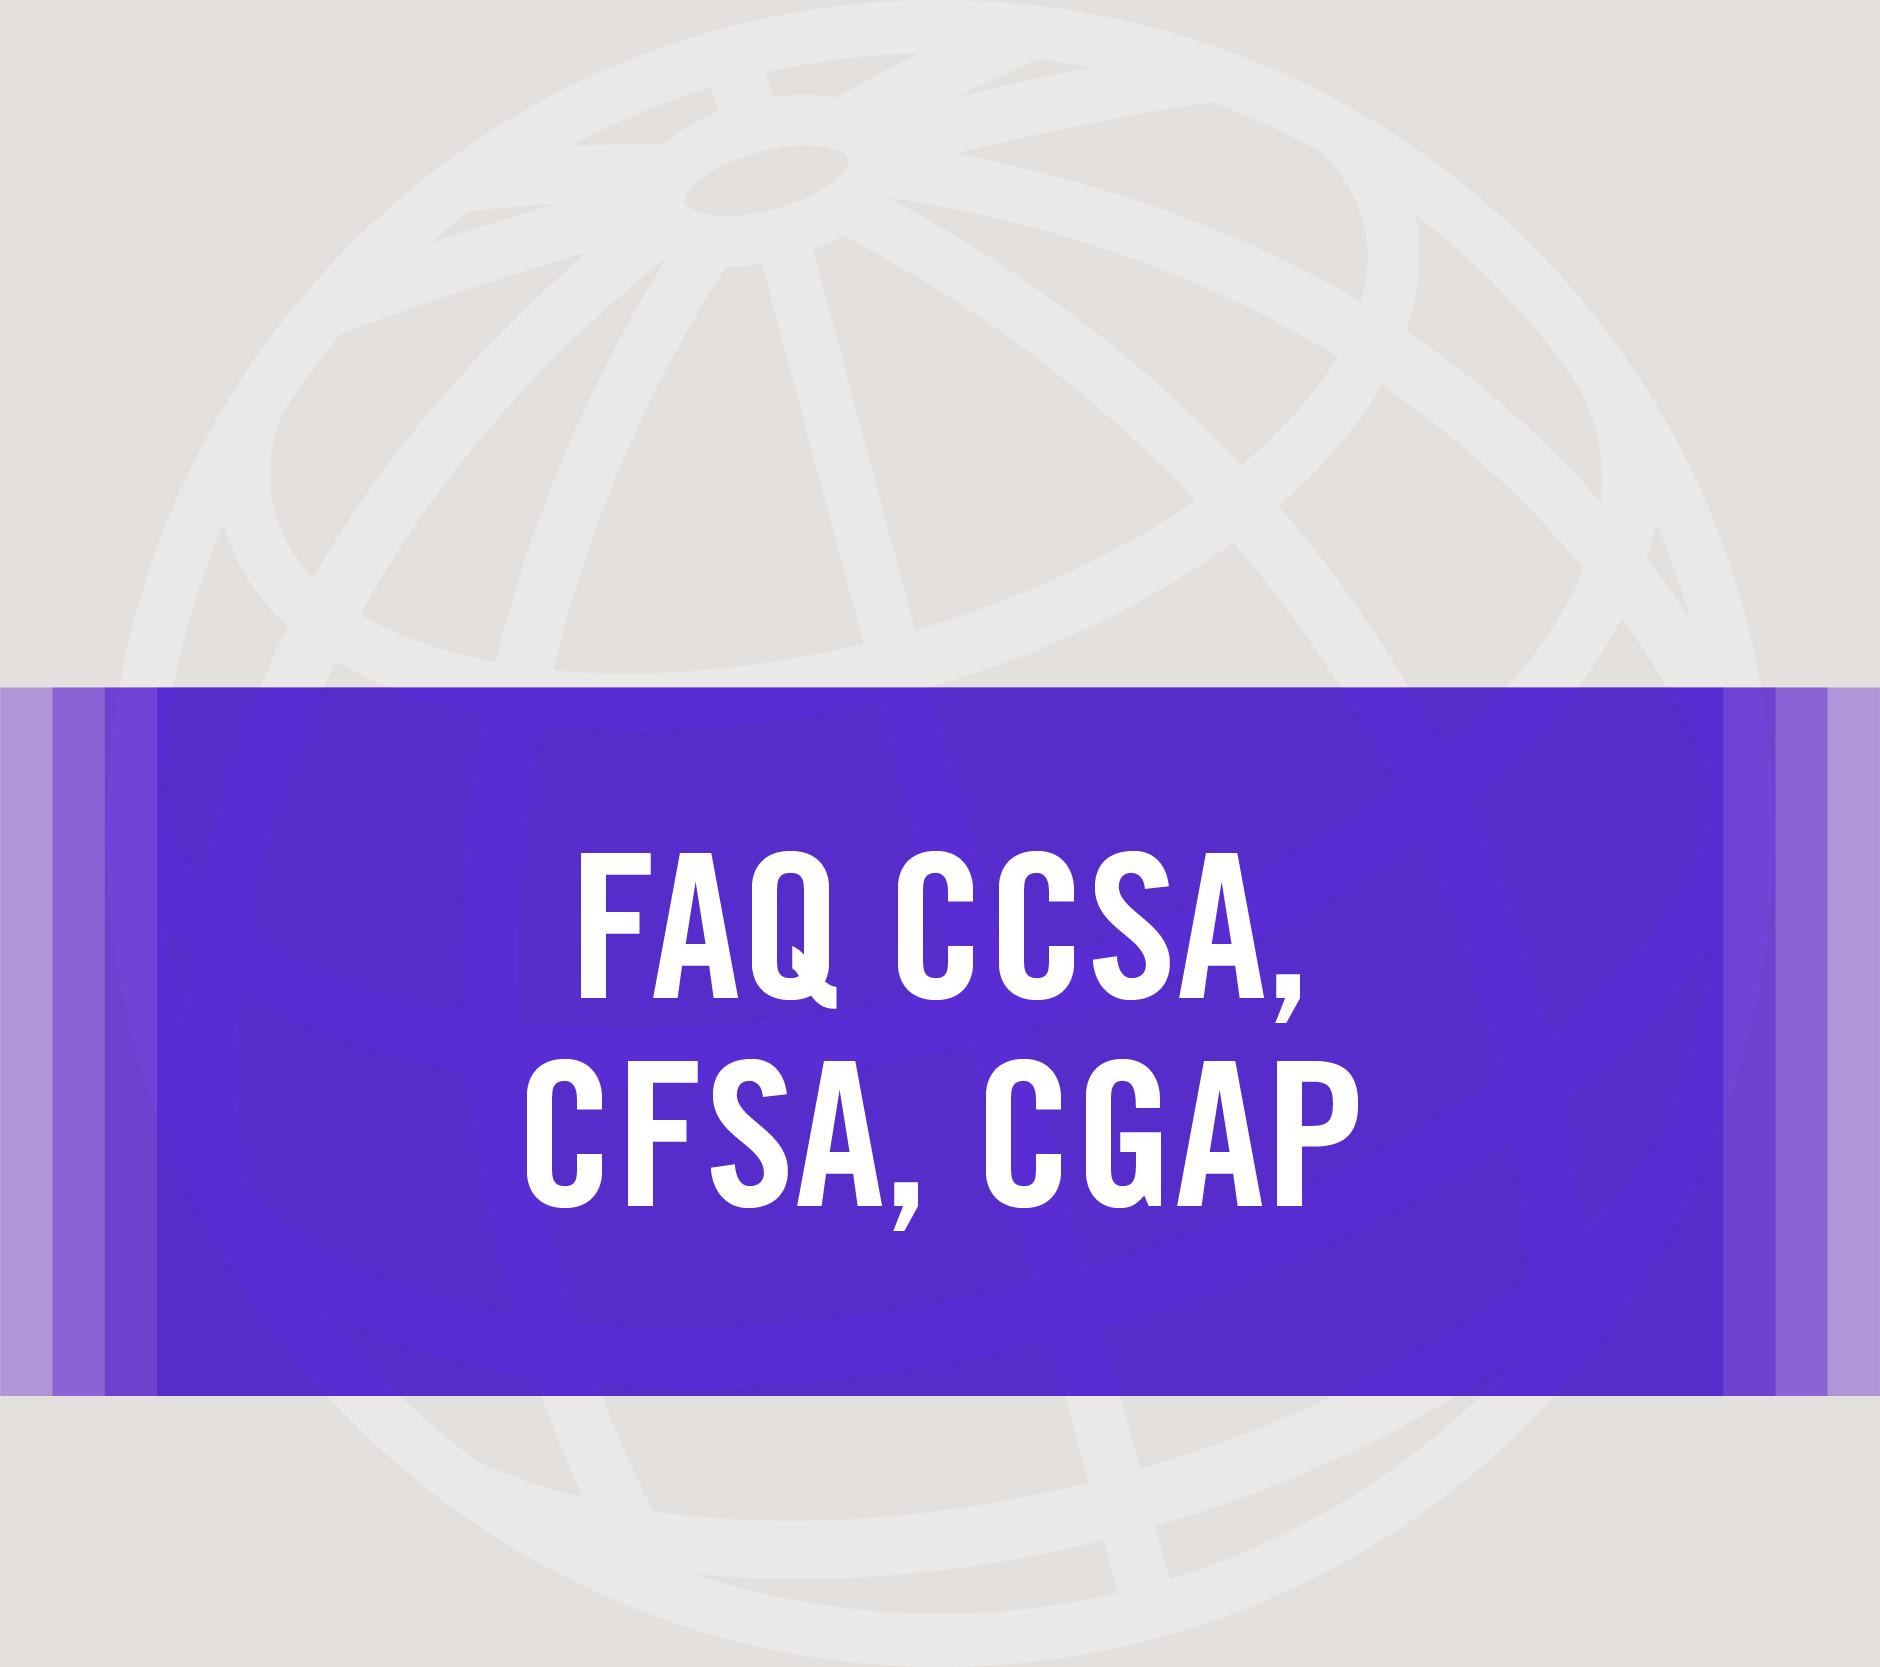 FAQ CCSA, CFSA, CGAP